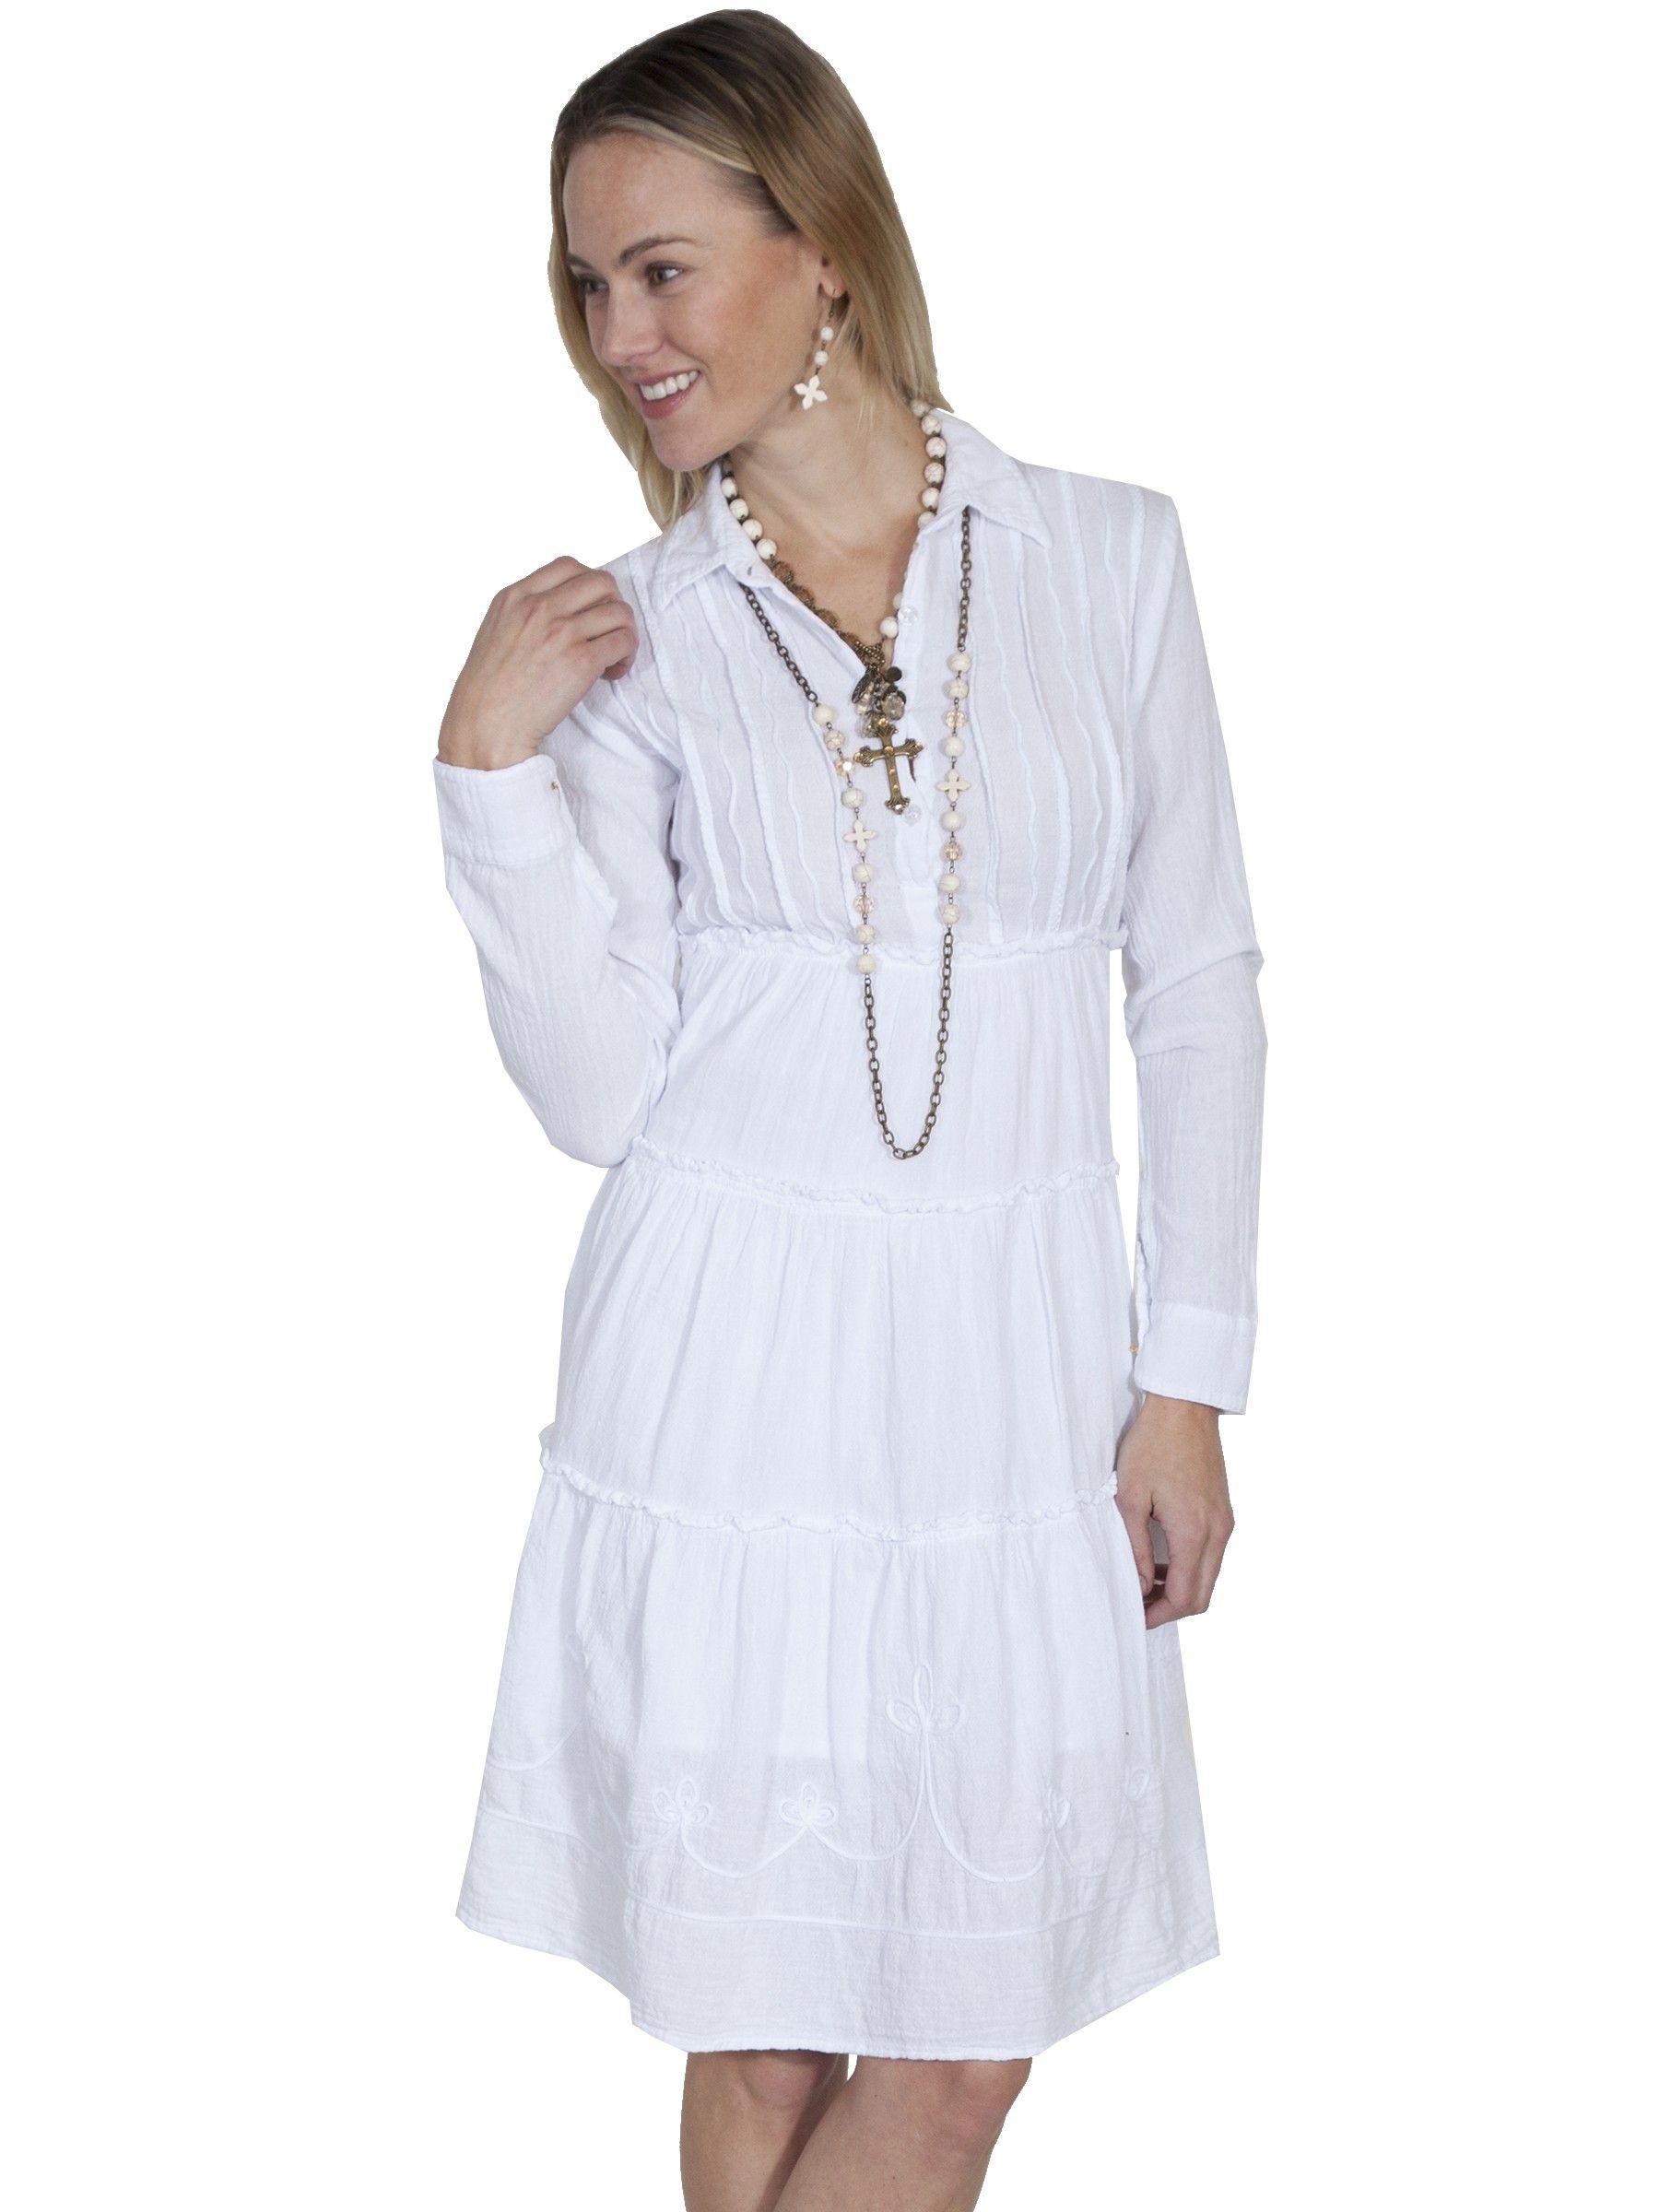 Bohemian Style Cotton Dress In White Plus Size Vintage Dresses White Dress Western Style Dresses [ 2400 x 1800 Pixel ]